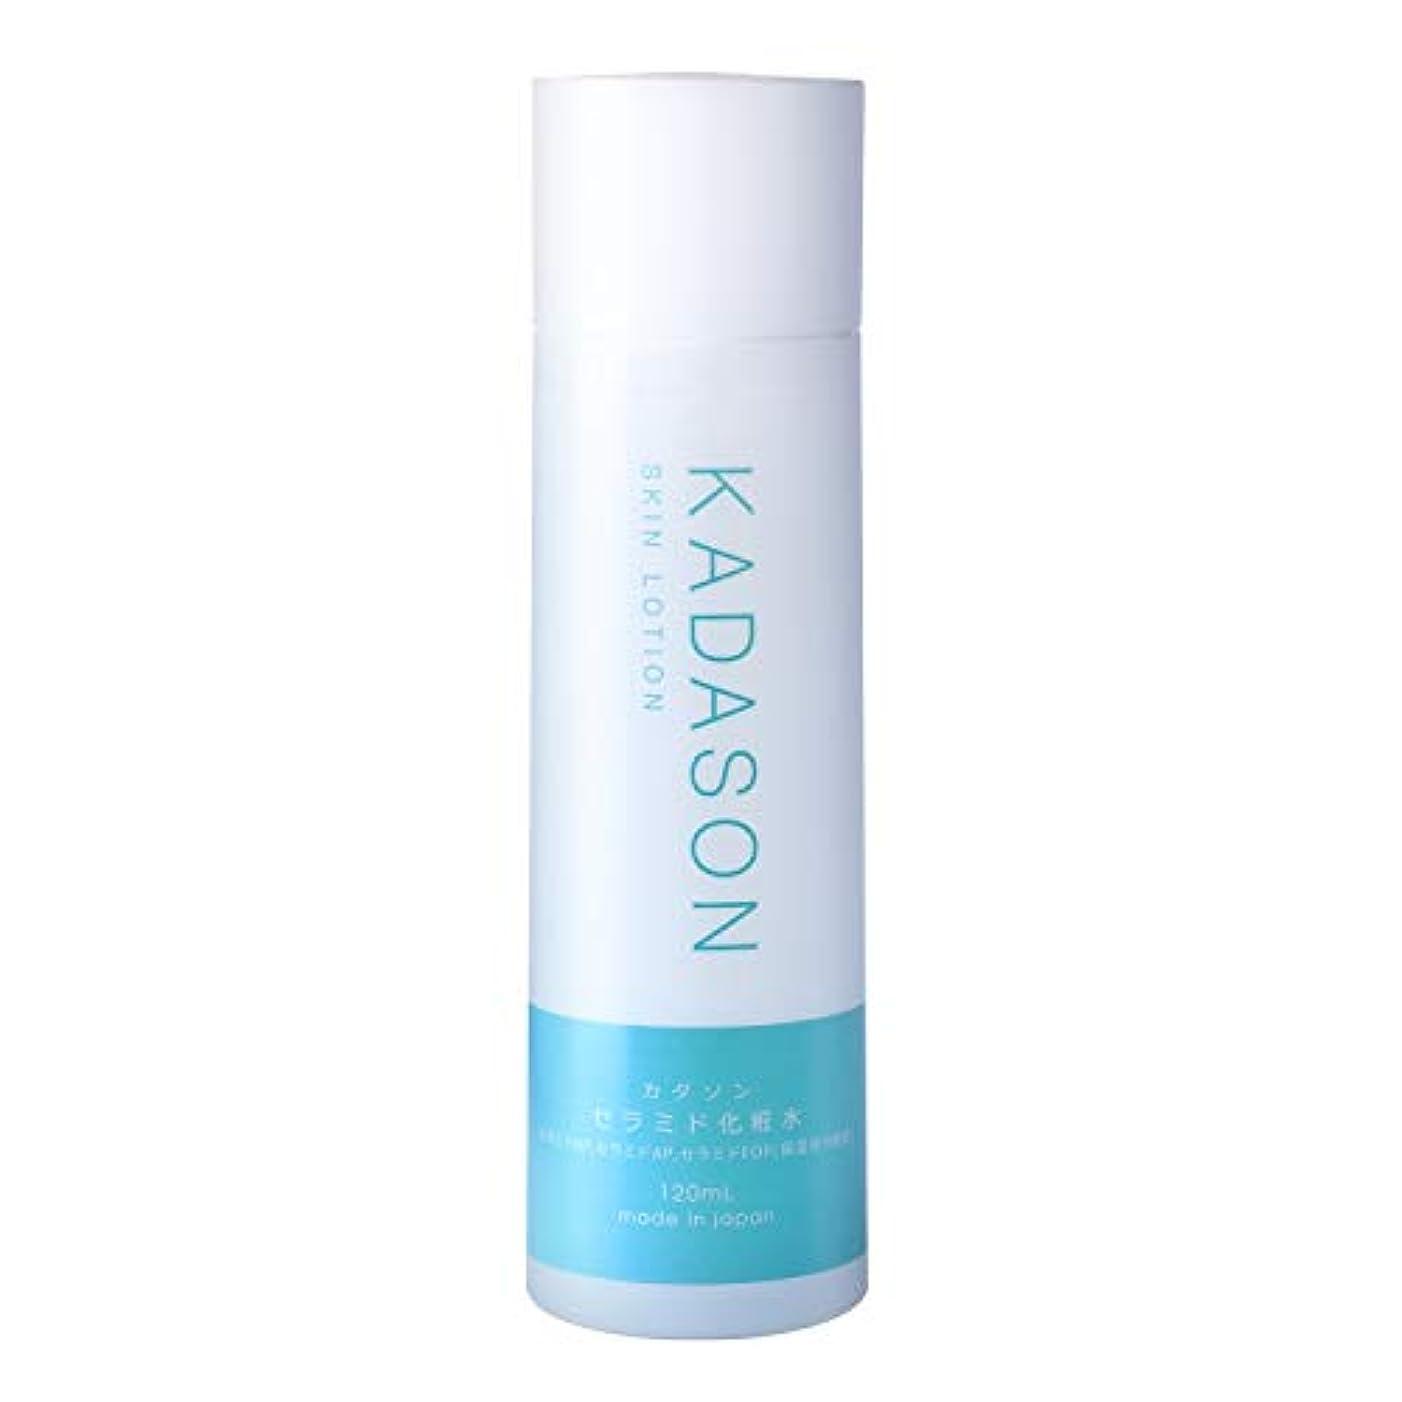 水素ヘリコプター知性KADASON (カダソン) セラミド 化粧水 (120ml / 脂性肌) オイリー肌 ノンオイル スキンケア 保湿 (日本製)